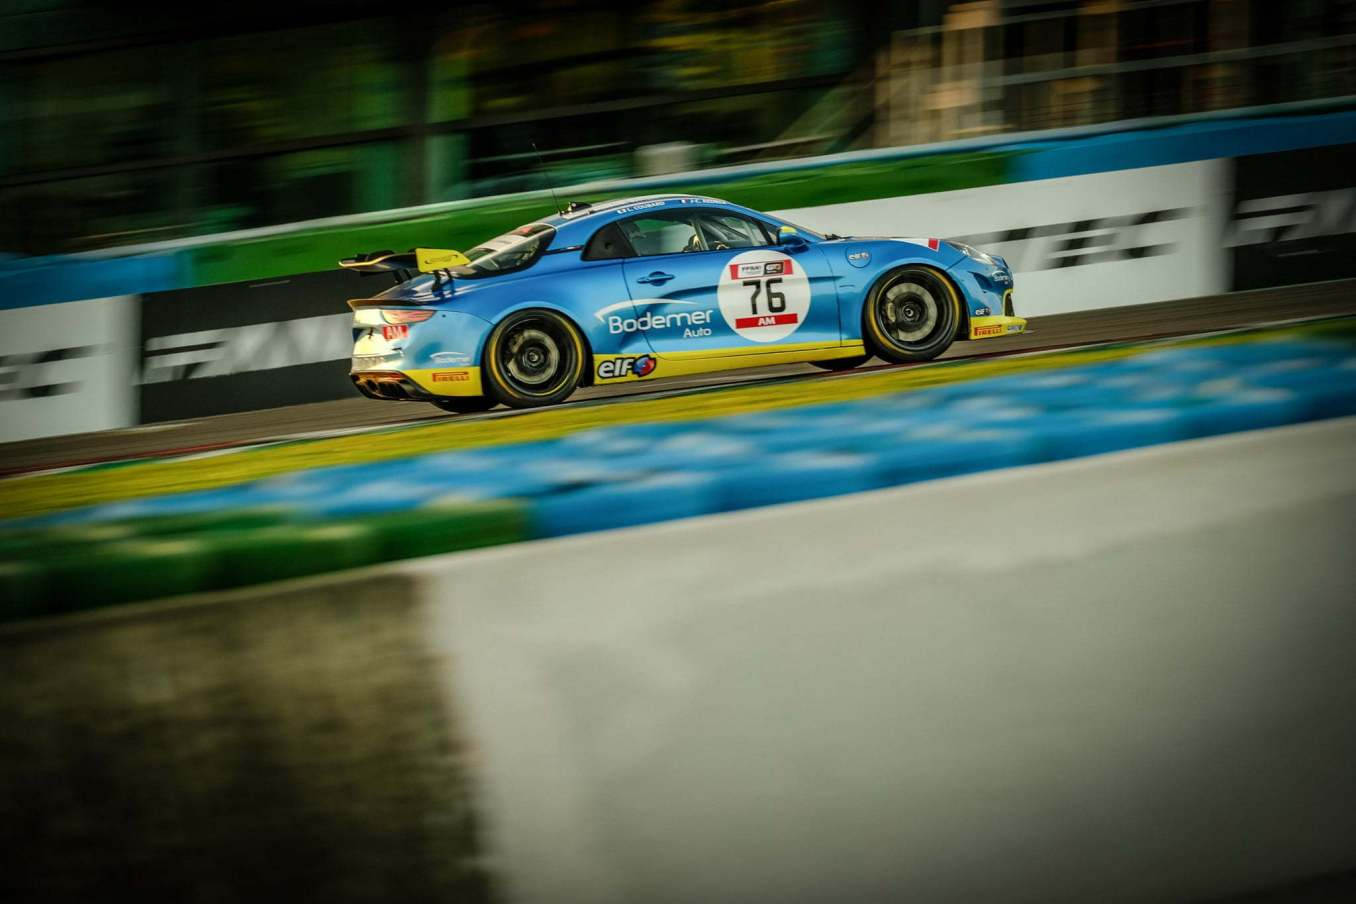 Alpine A110 GT4 Magny Cours FFSA GT 2021 15 | FFSA GT : l'Alpine A110 GT4 dans le Top 3 à la course 1 à Magny-Cours